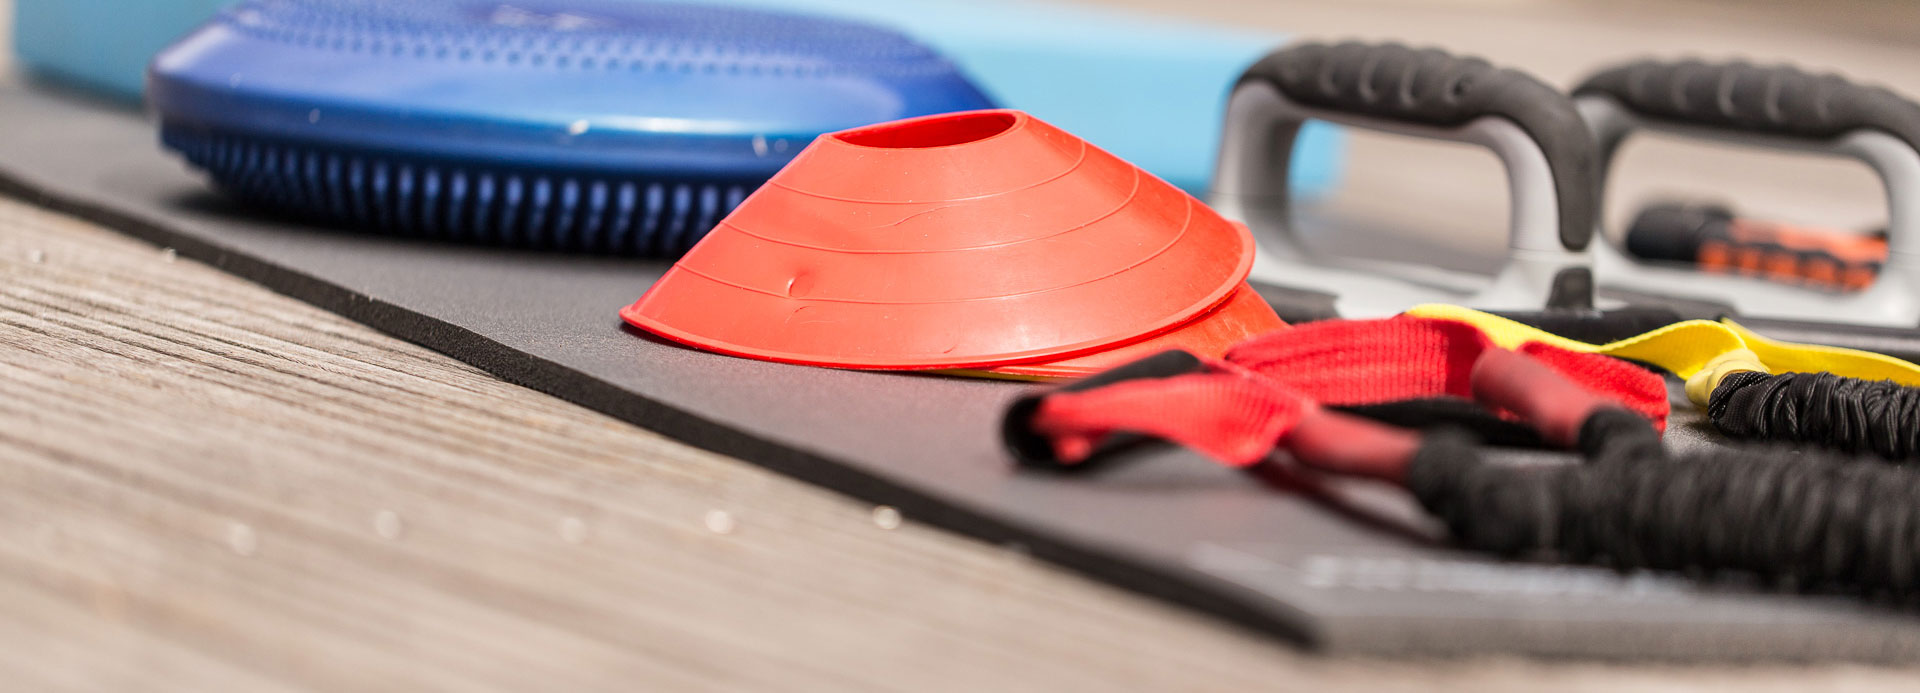 Matériels sportifs divers posés sur un tapis de sol